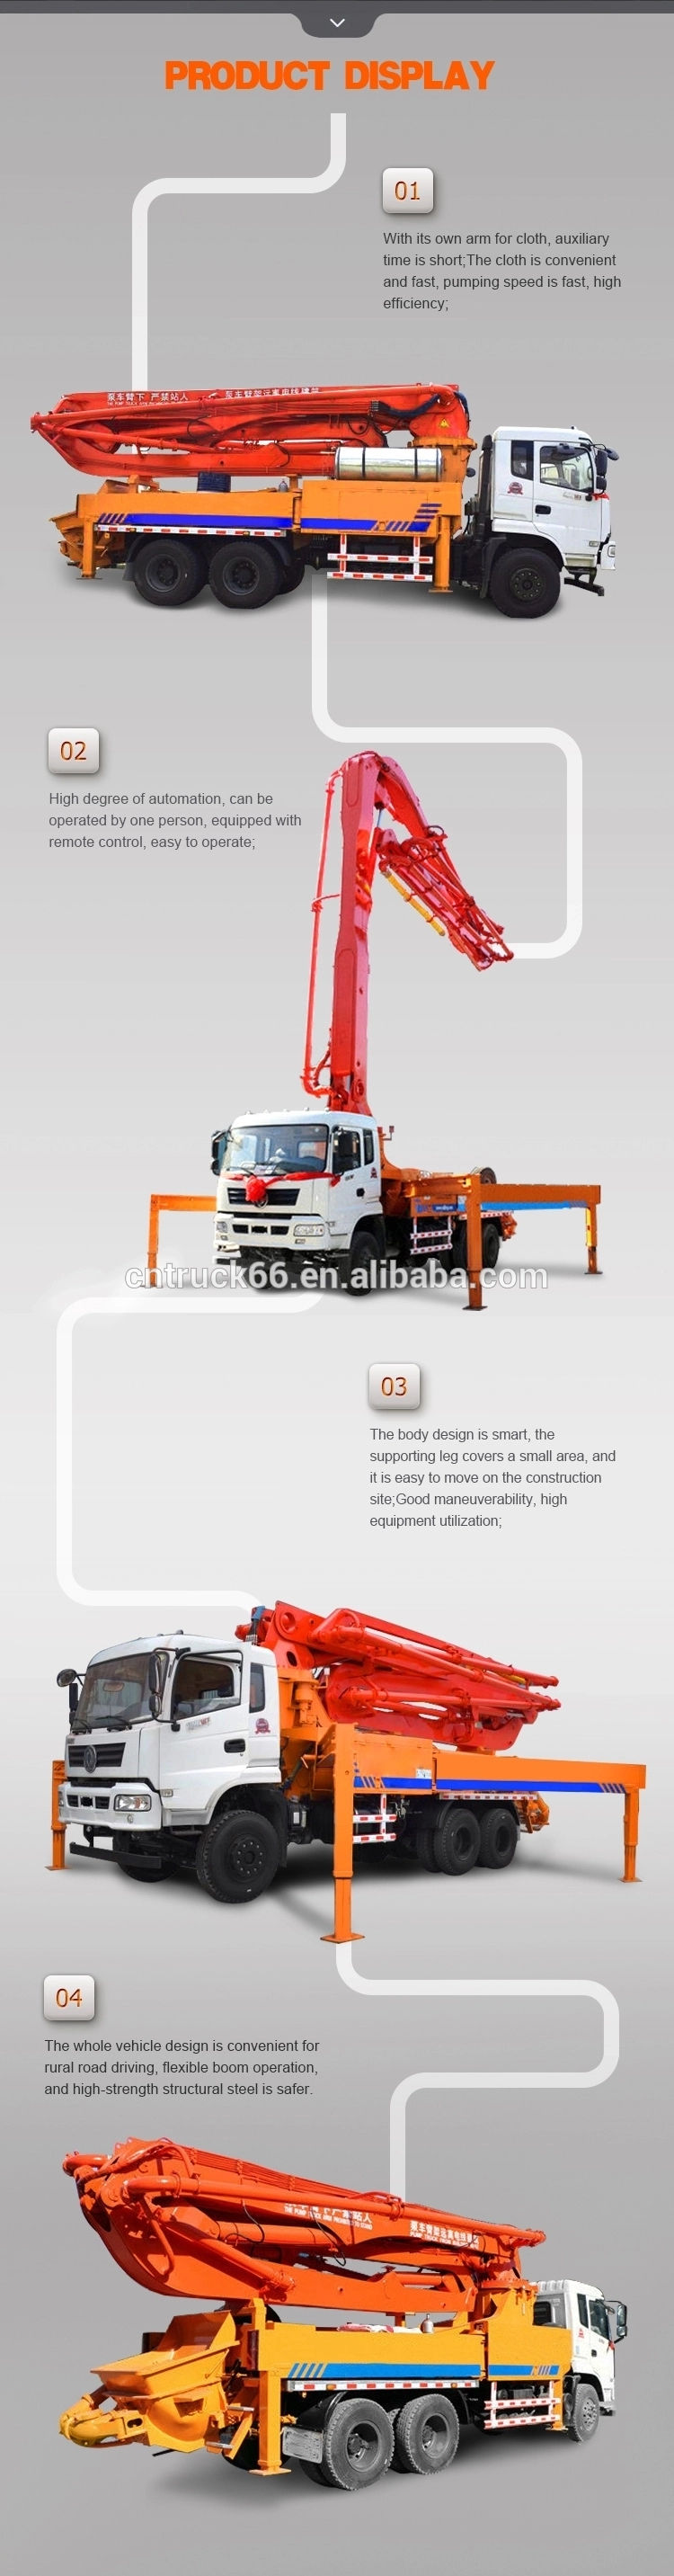 Concrete pump truck detailed picture